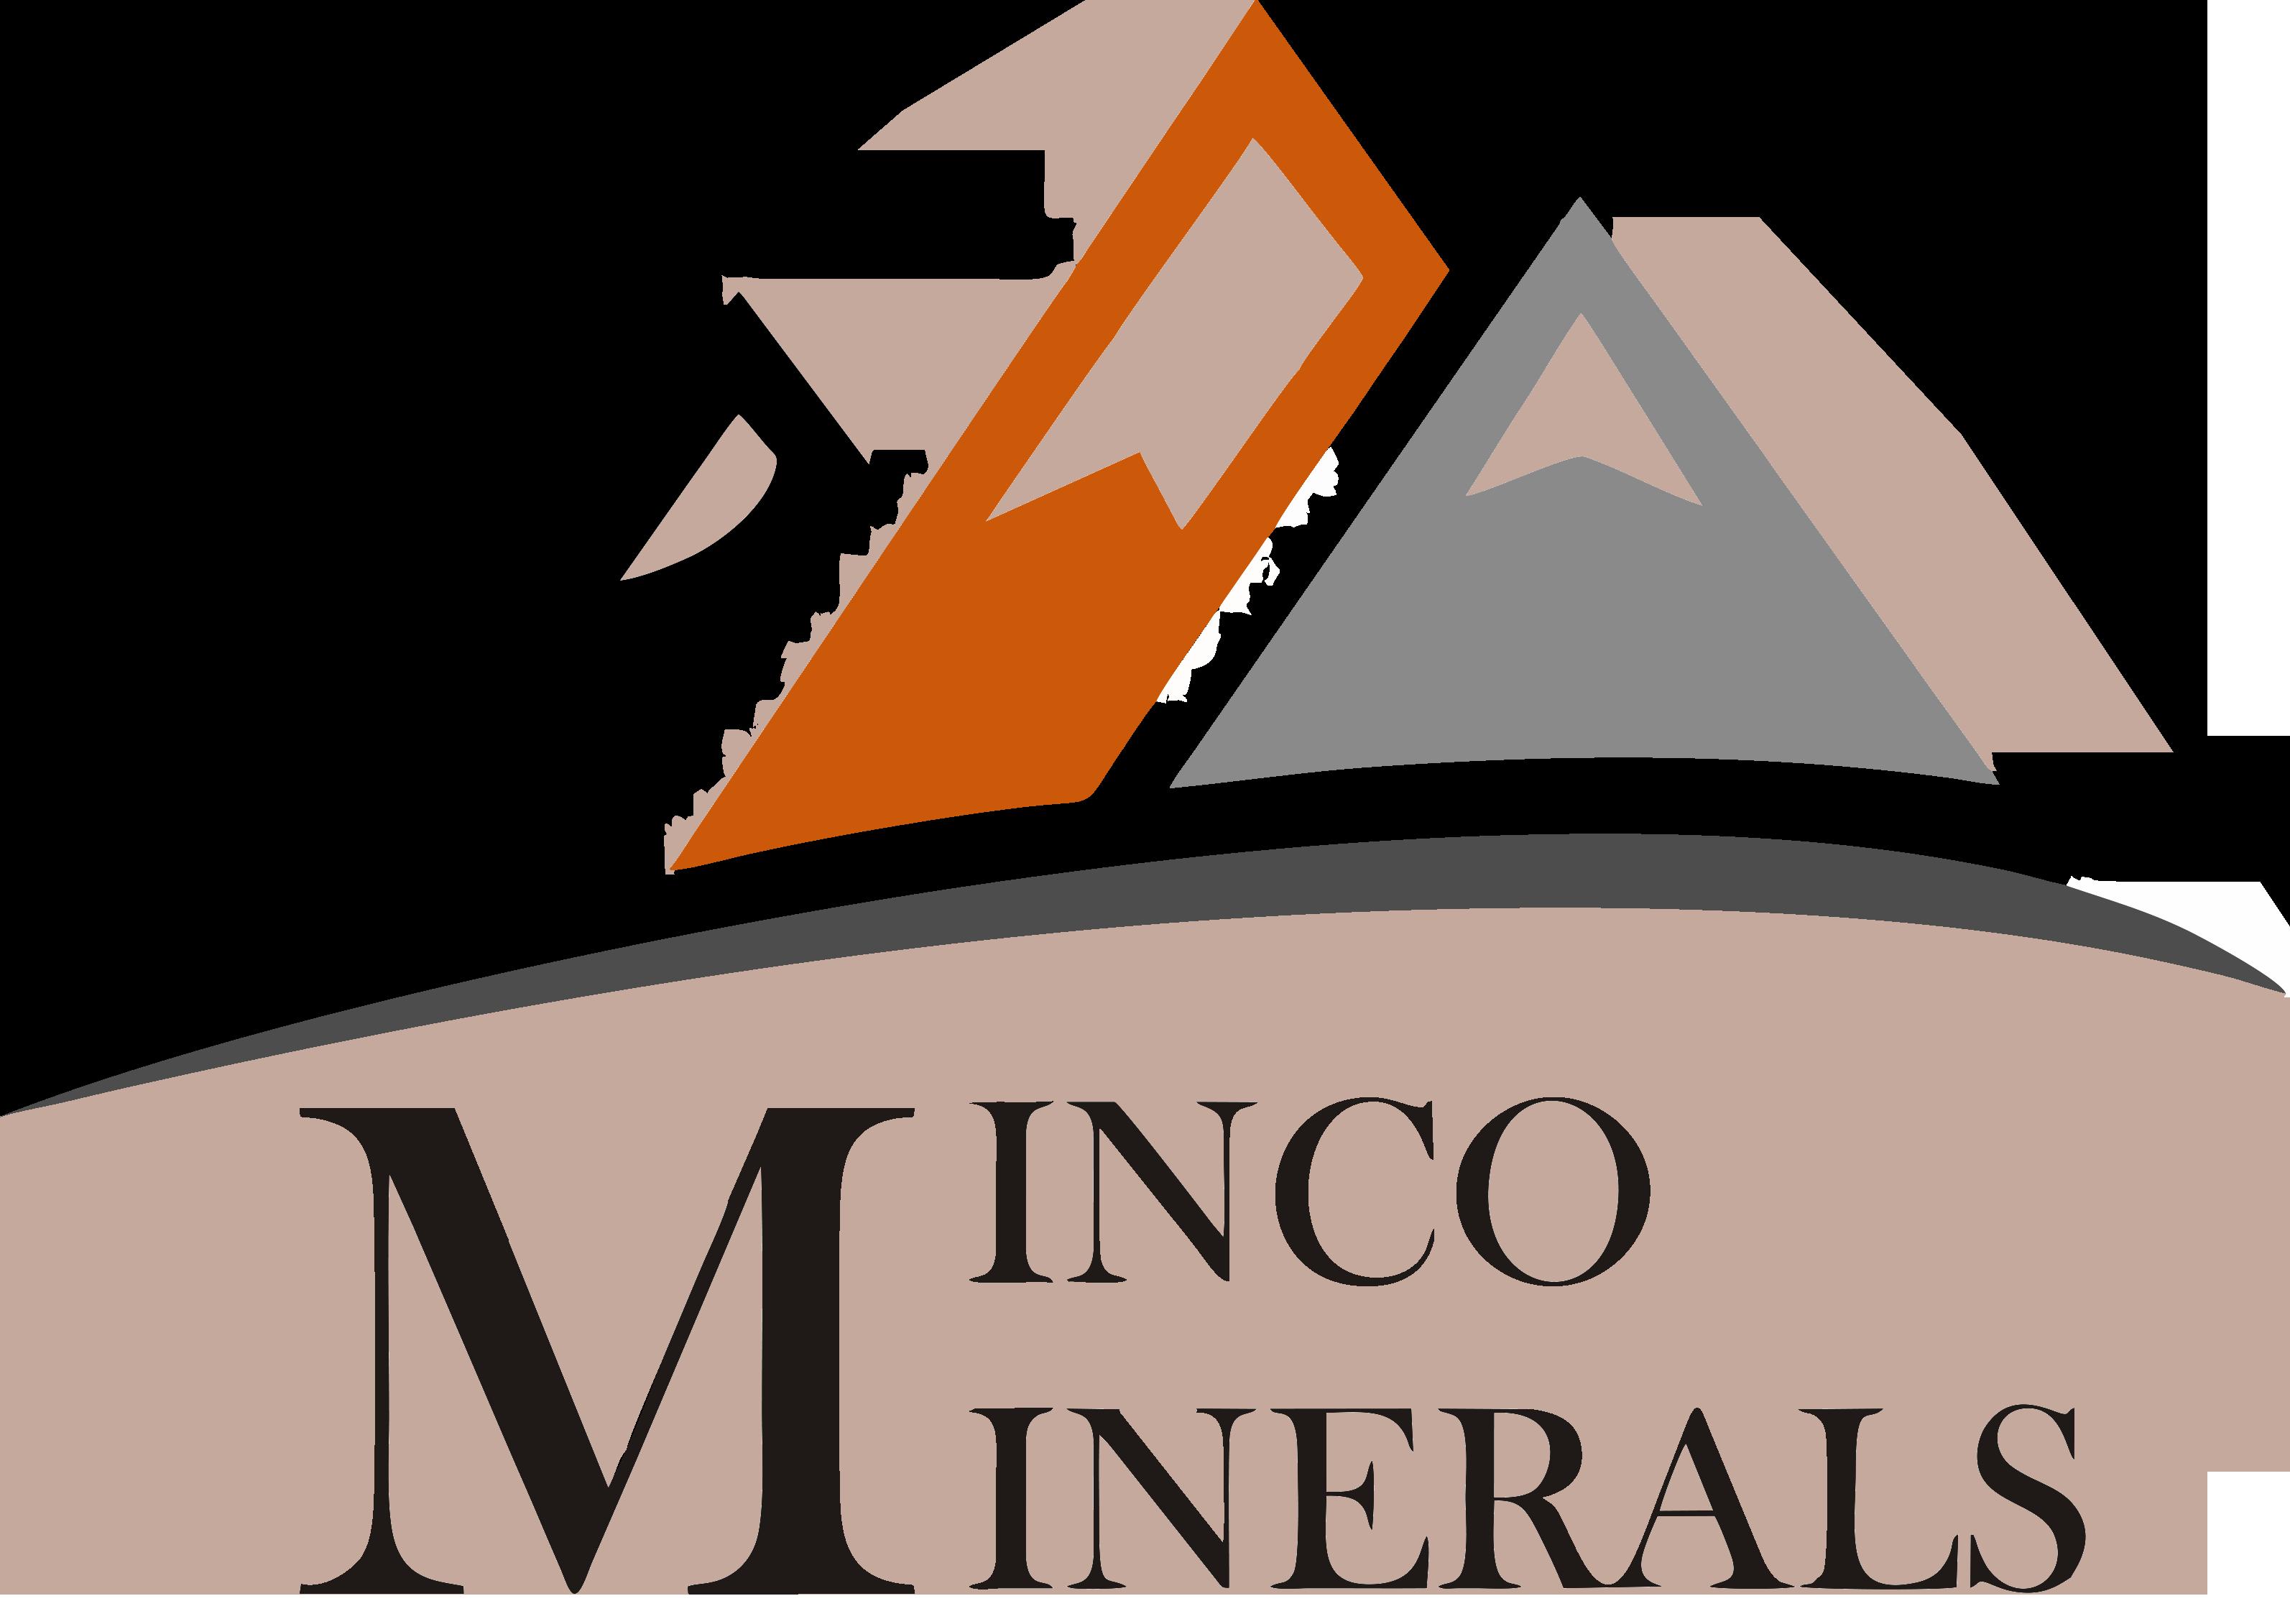 Minco Mineral